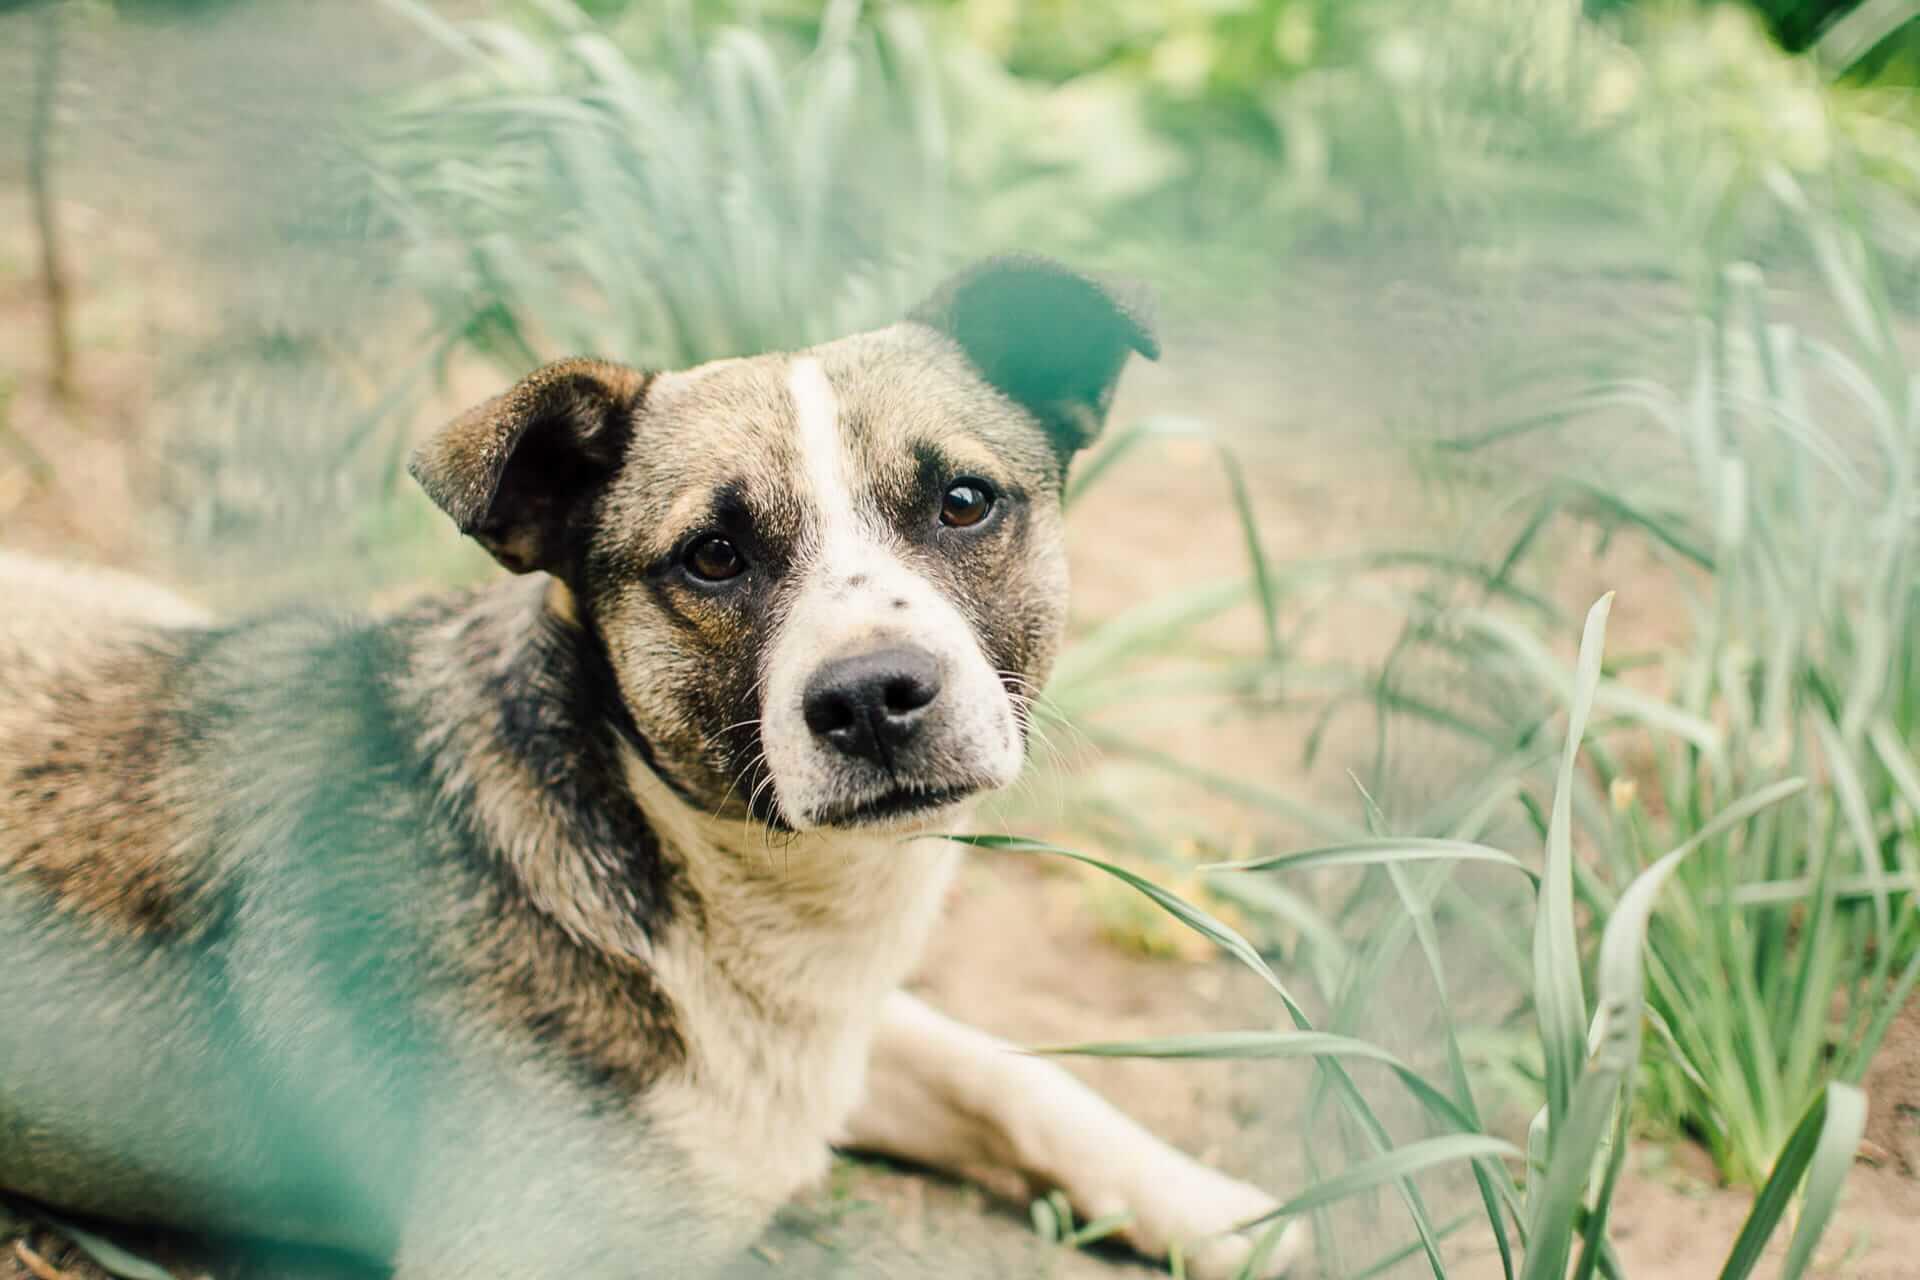 Ho trovato un cane smarrito: cosa devo fare?